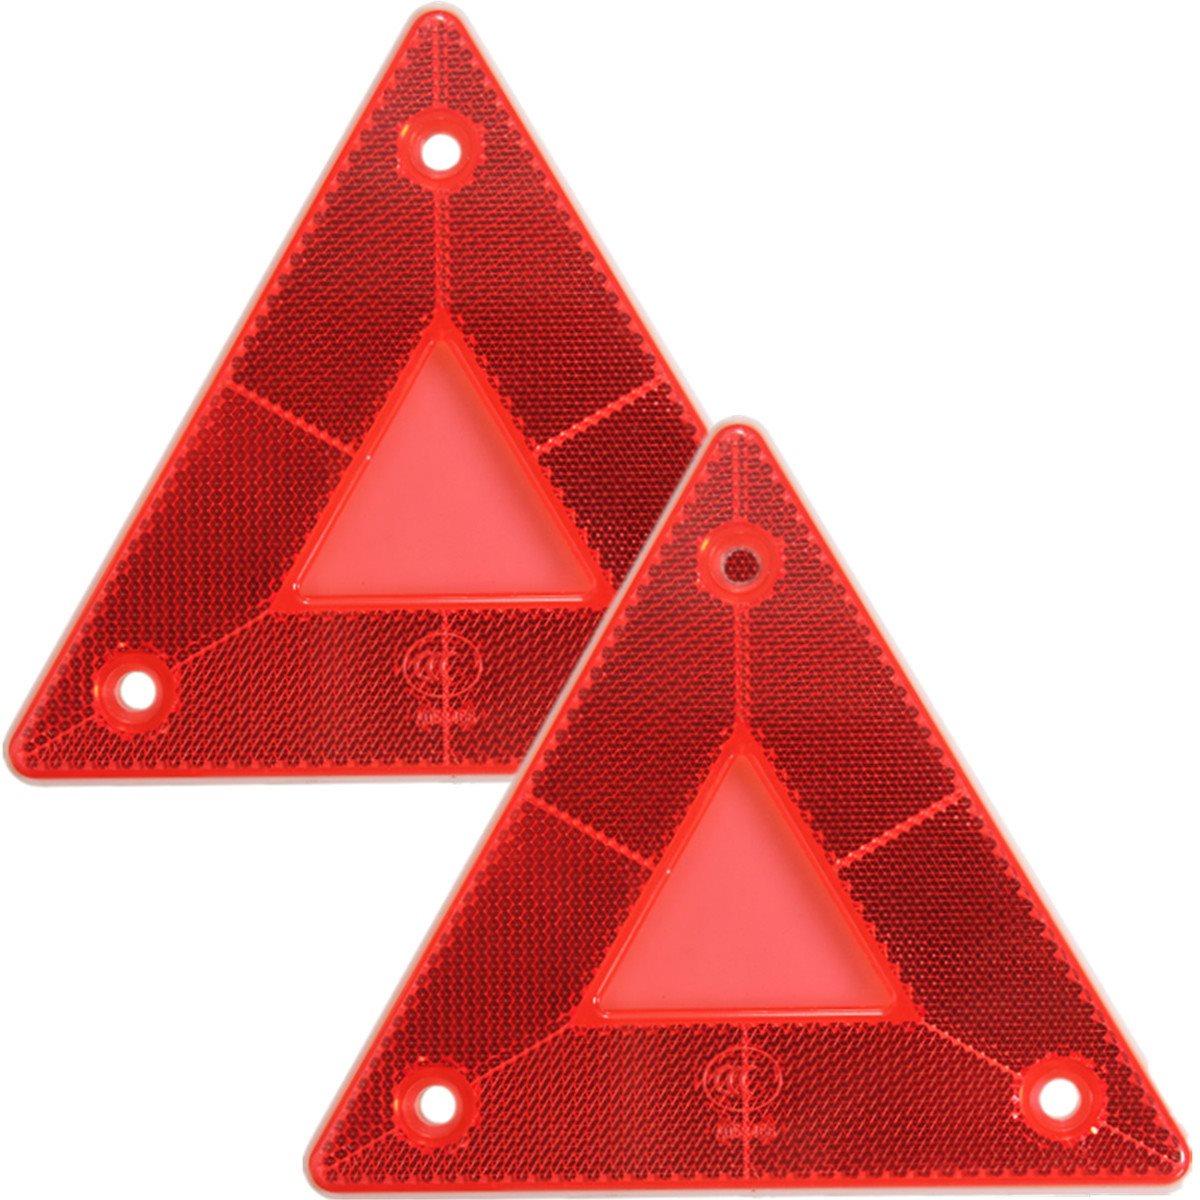 Доска 2шт задний фонарь автомобилей грузовой автомобиль прицеп пожарный треугольник отражатель Сафти предупреждение